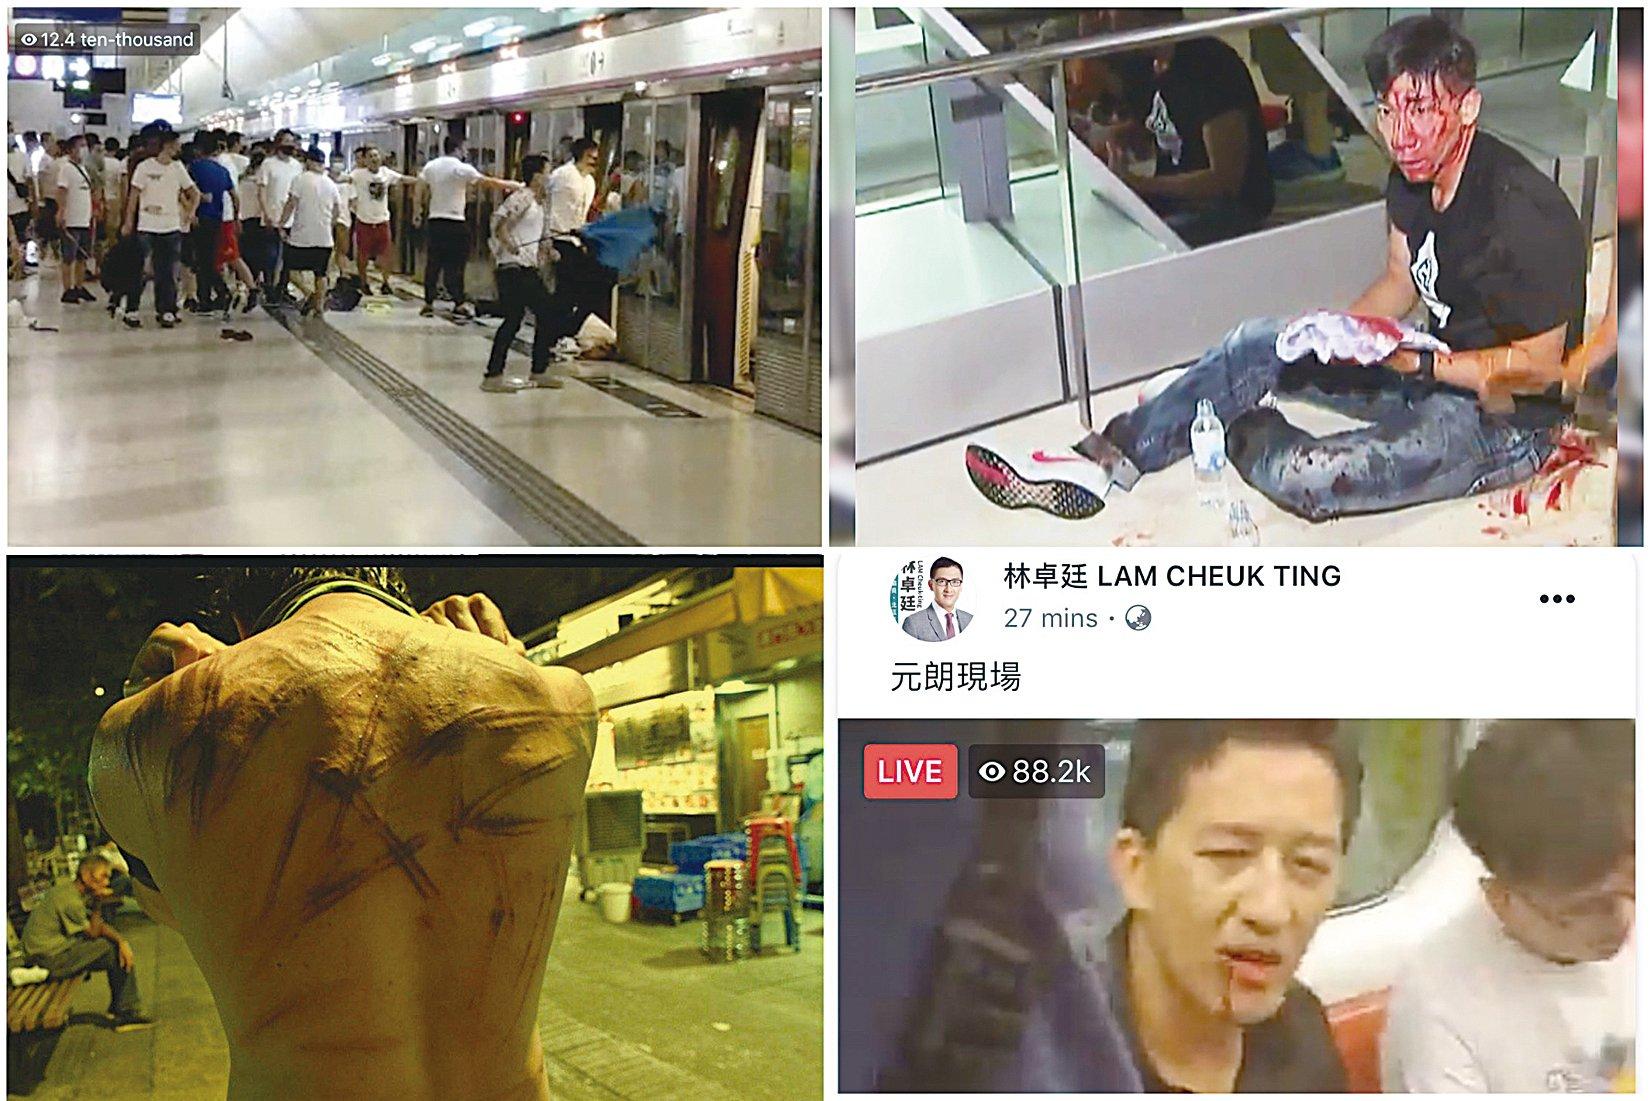 7月21日43萬人反送中大遊行後,中共出動黑社會攻擊示威者。圖為香港白衣暴徒在元朗攻擊示威人士、記者,多人受傷流血。(影片截圖合成)